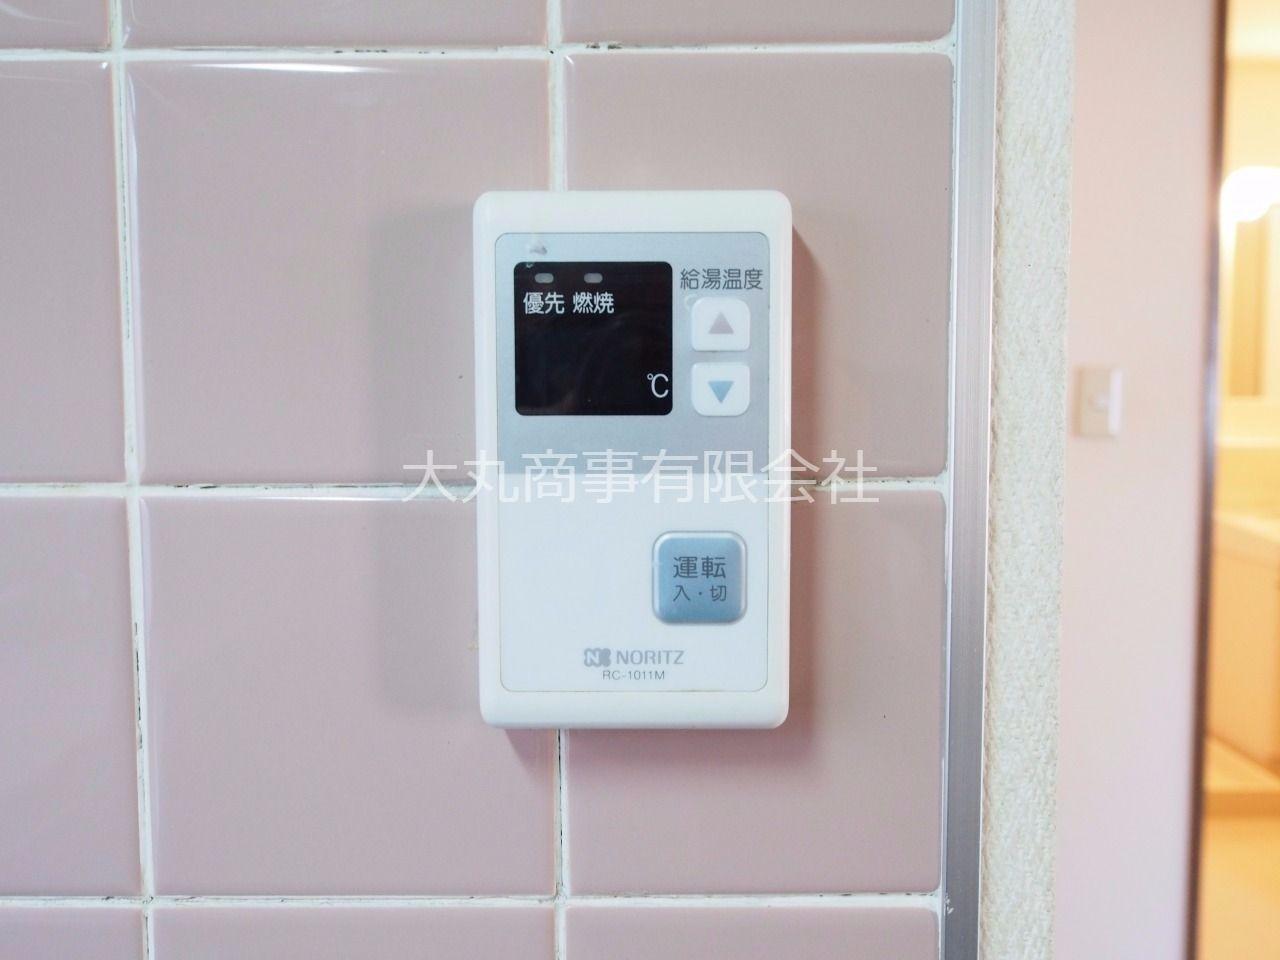 キッチン横の給湯器リモコン